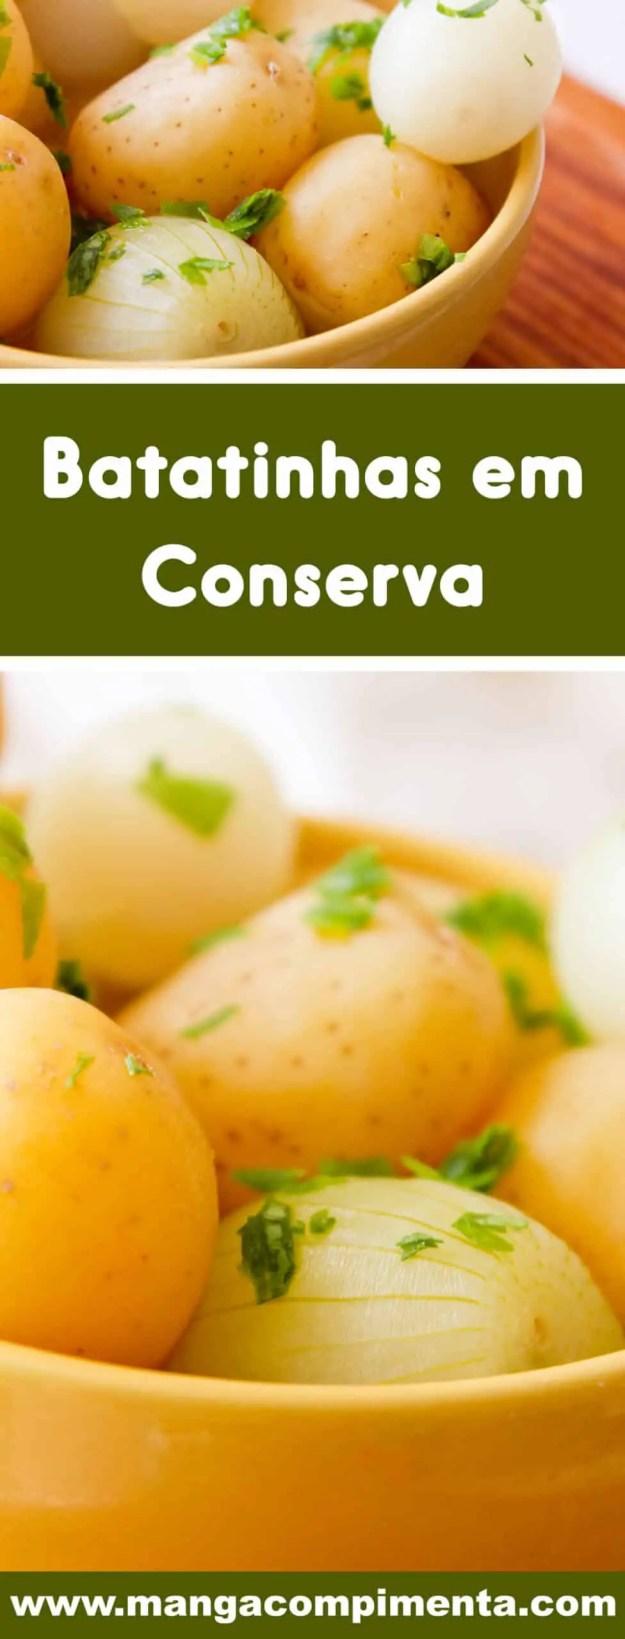 Receita de Batatinhas em Conserva - delicioso para petiscar ou servir na salada!